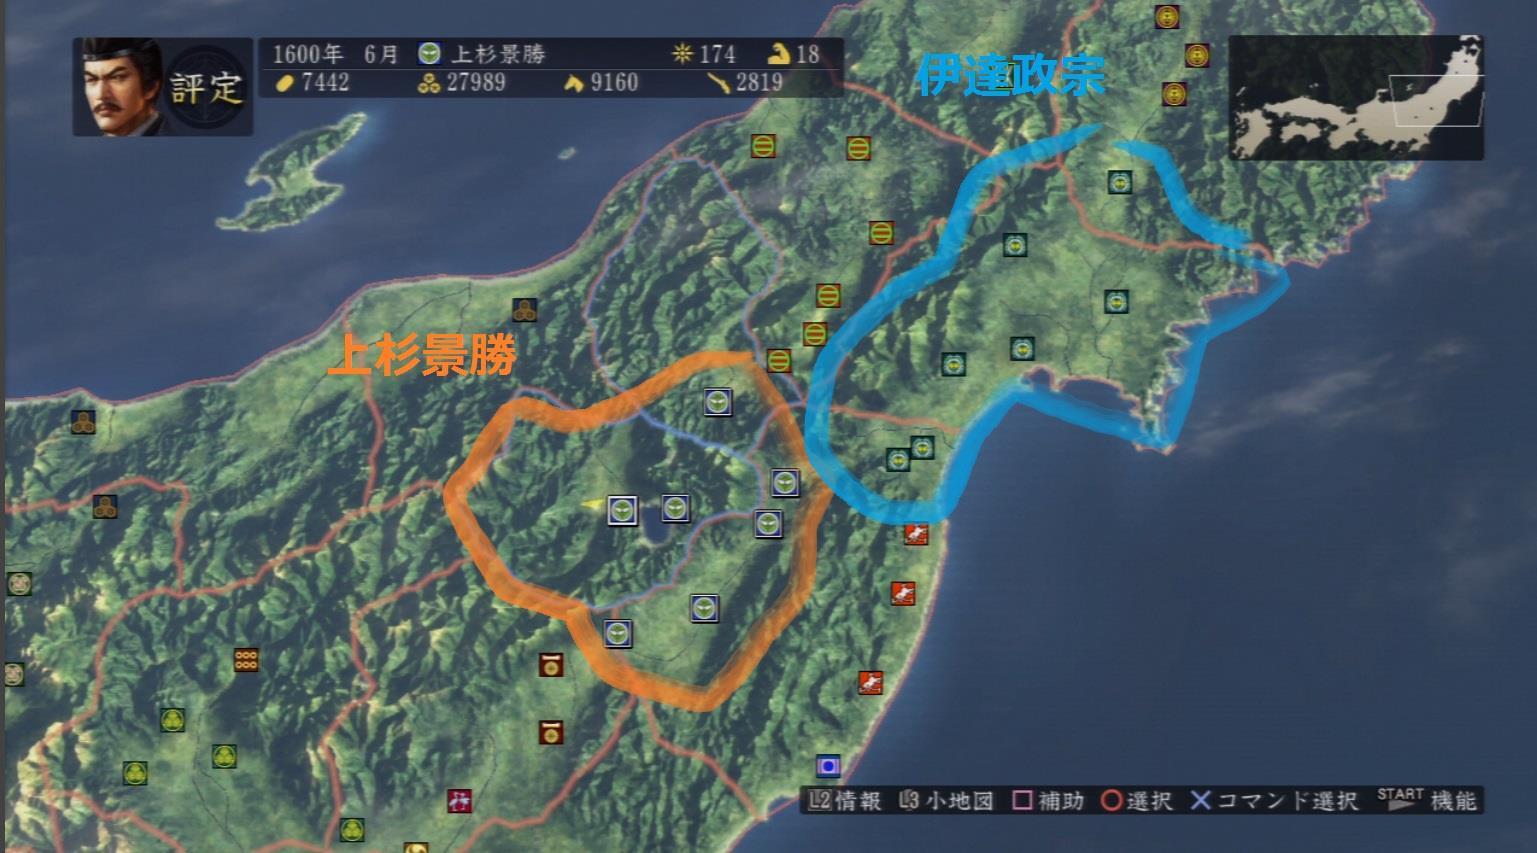 会津国替え後の上杉と伊達 地図